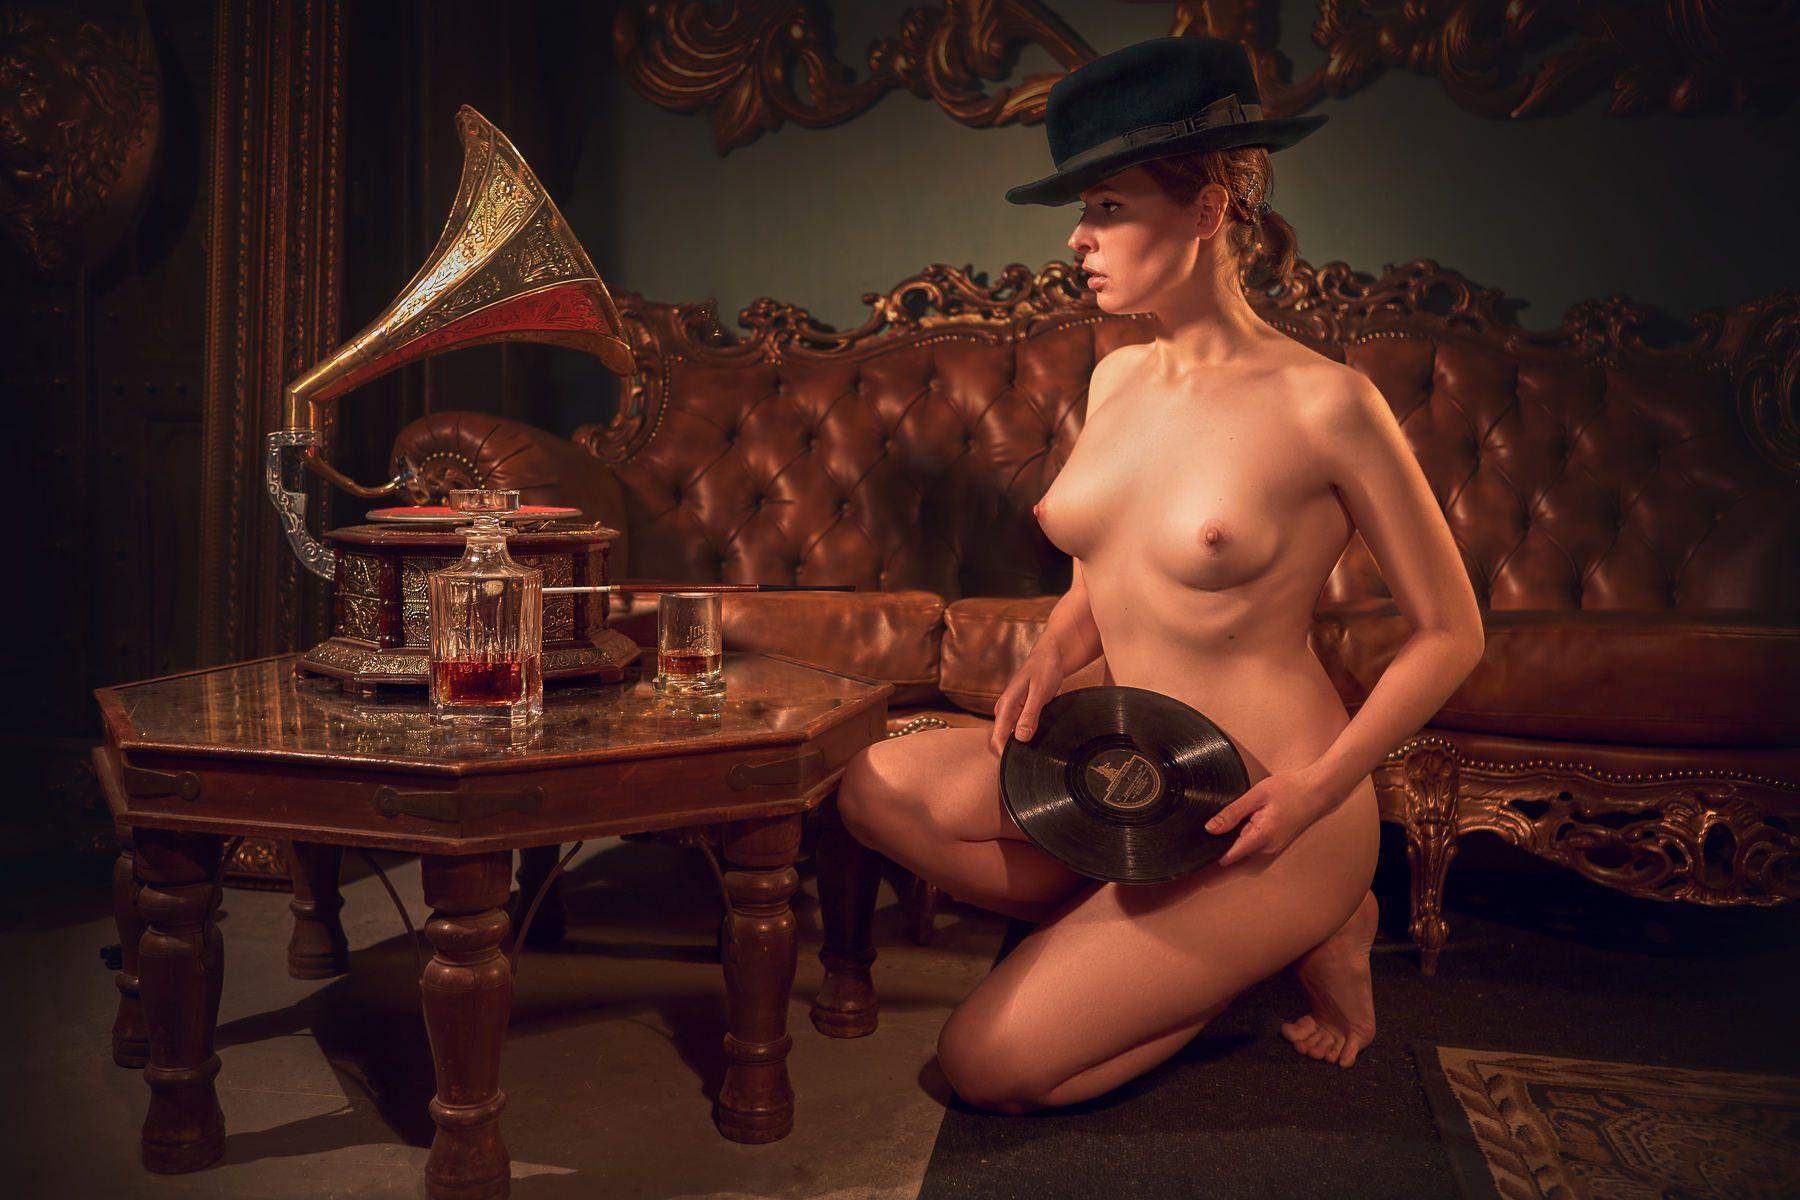 портрет, эротика, красота, модель, жанр, rekhov, Рехов Сергей